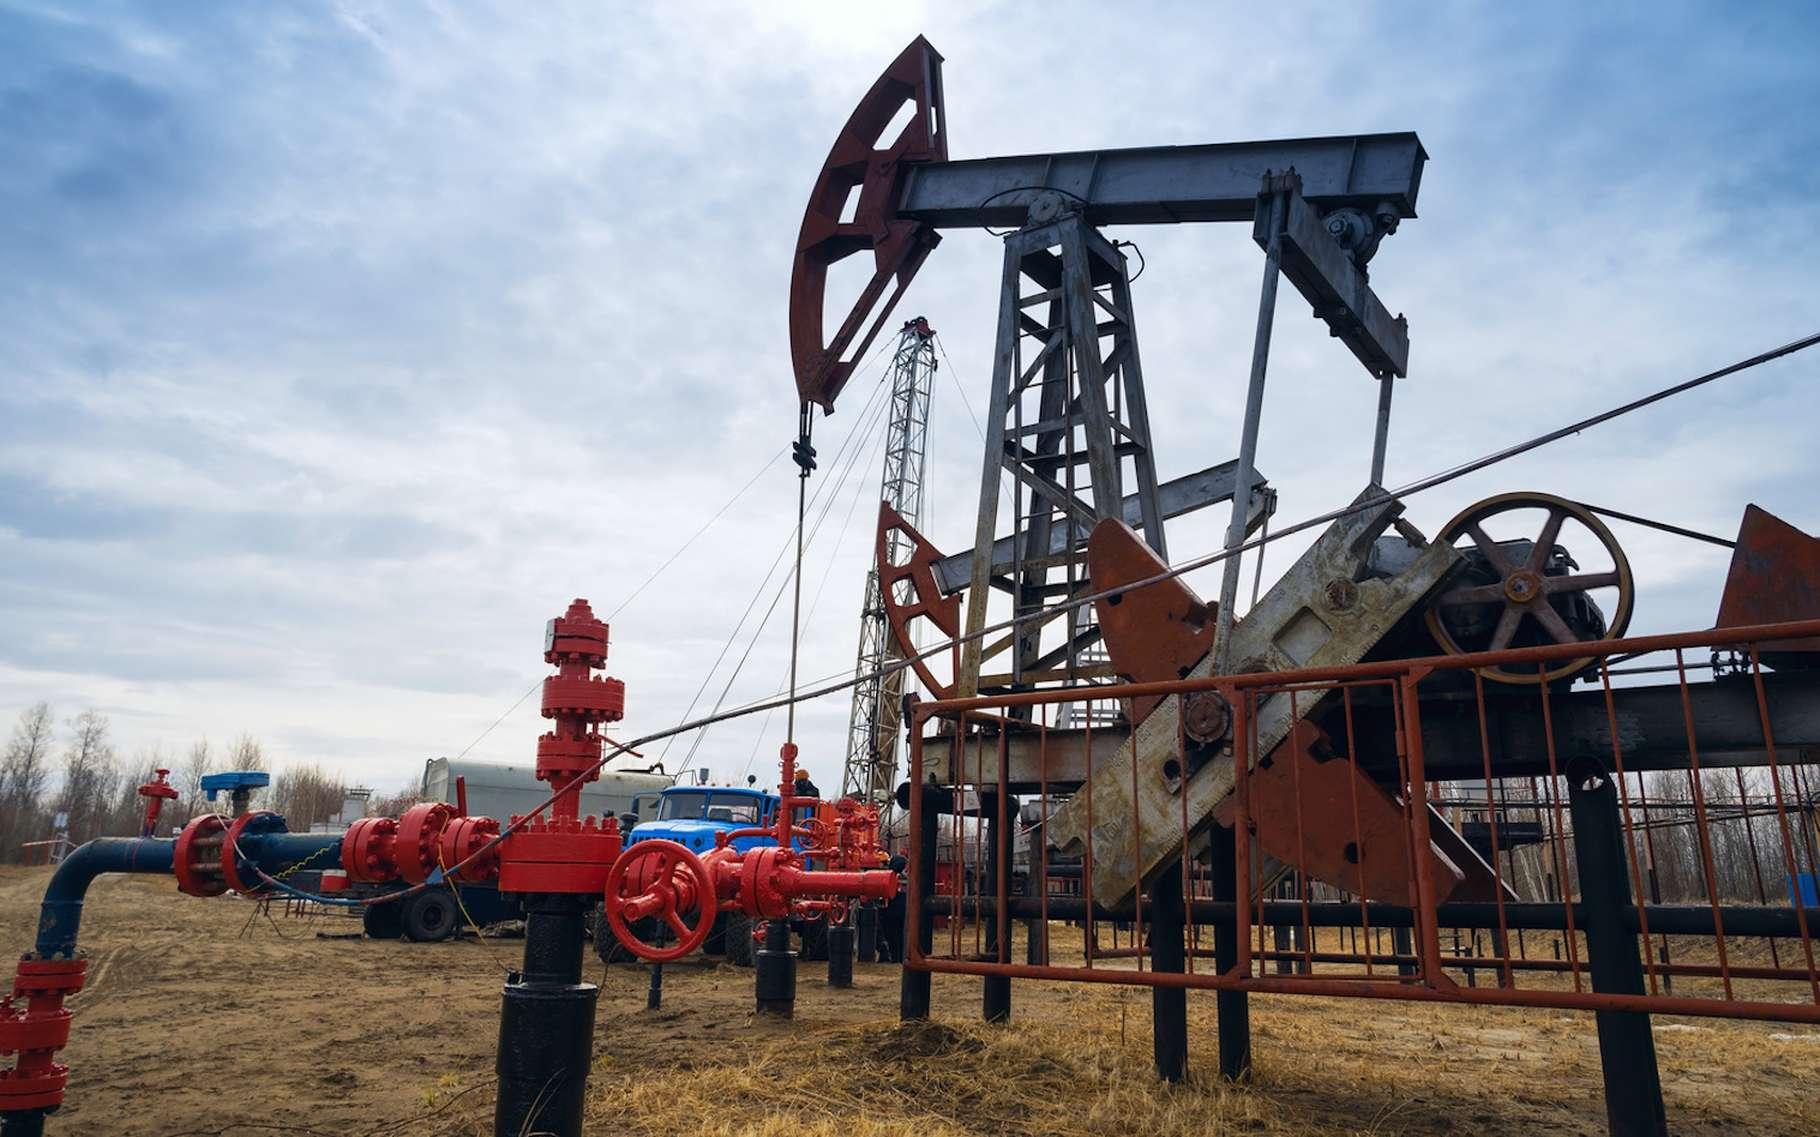 La transformation de matière organique en hydrocarbure comme le pétrole peut durer plusieurs dizaines de millions d'années. © amarinchenko106, Fotolia